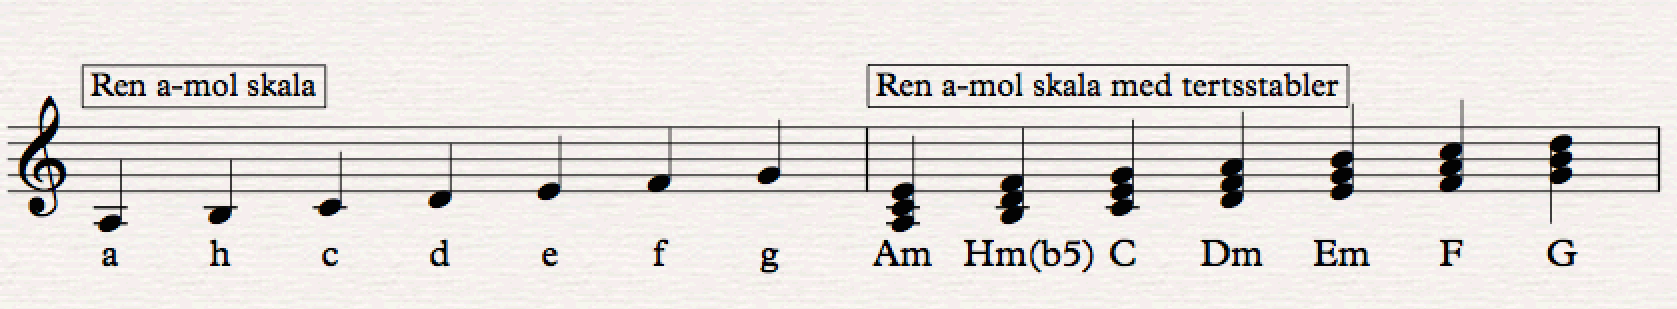 Nodepapir - A-mol skala med tilhørende akkorder